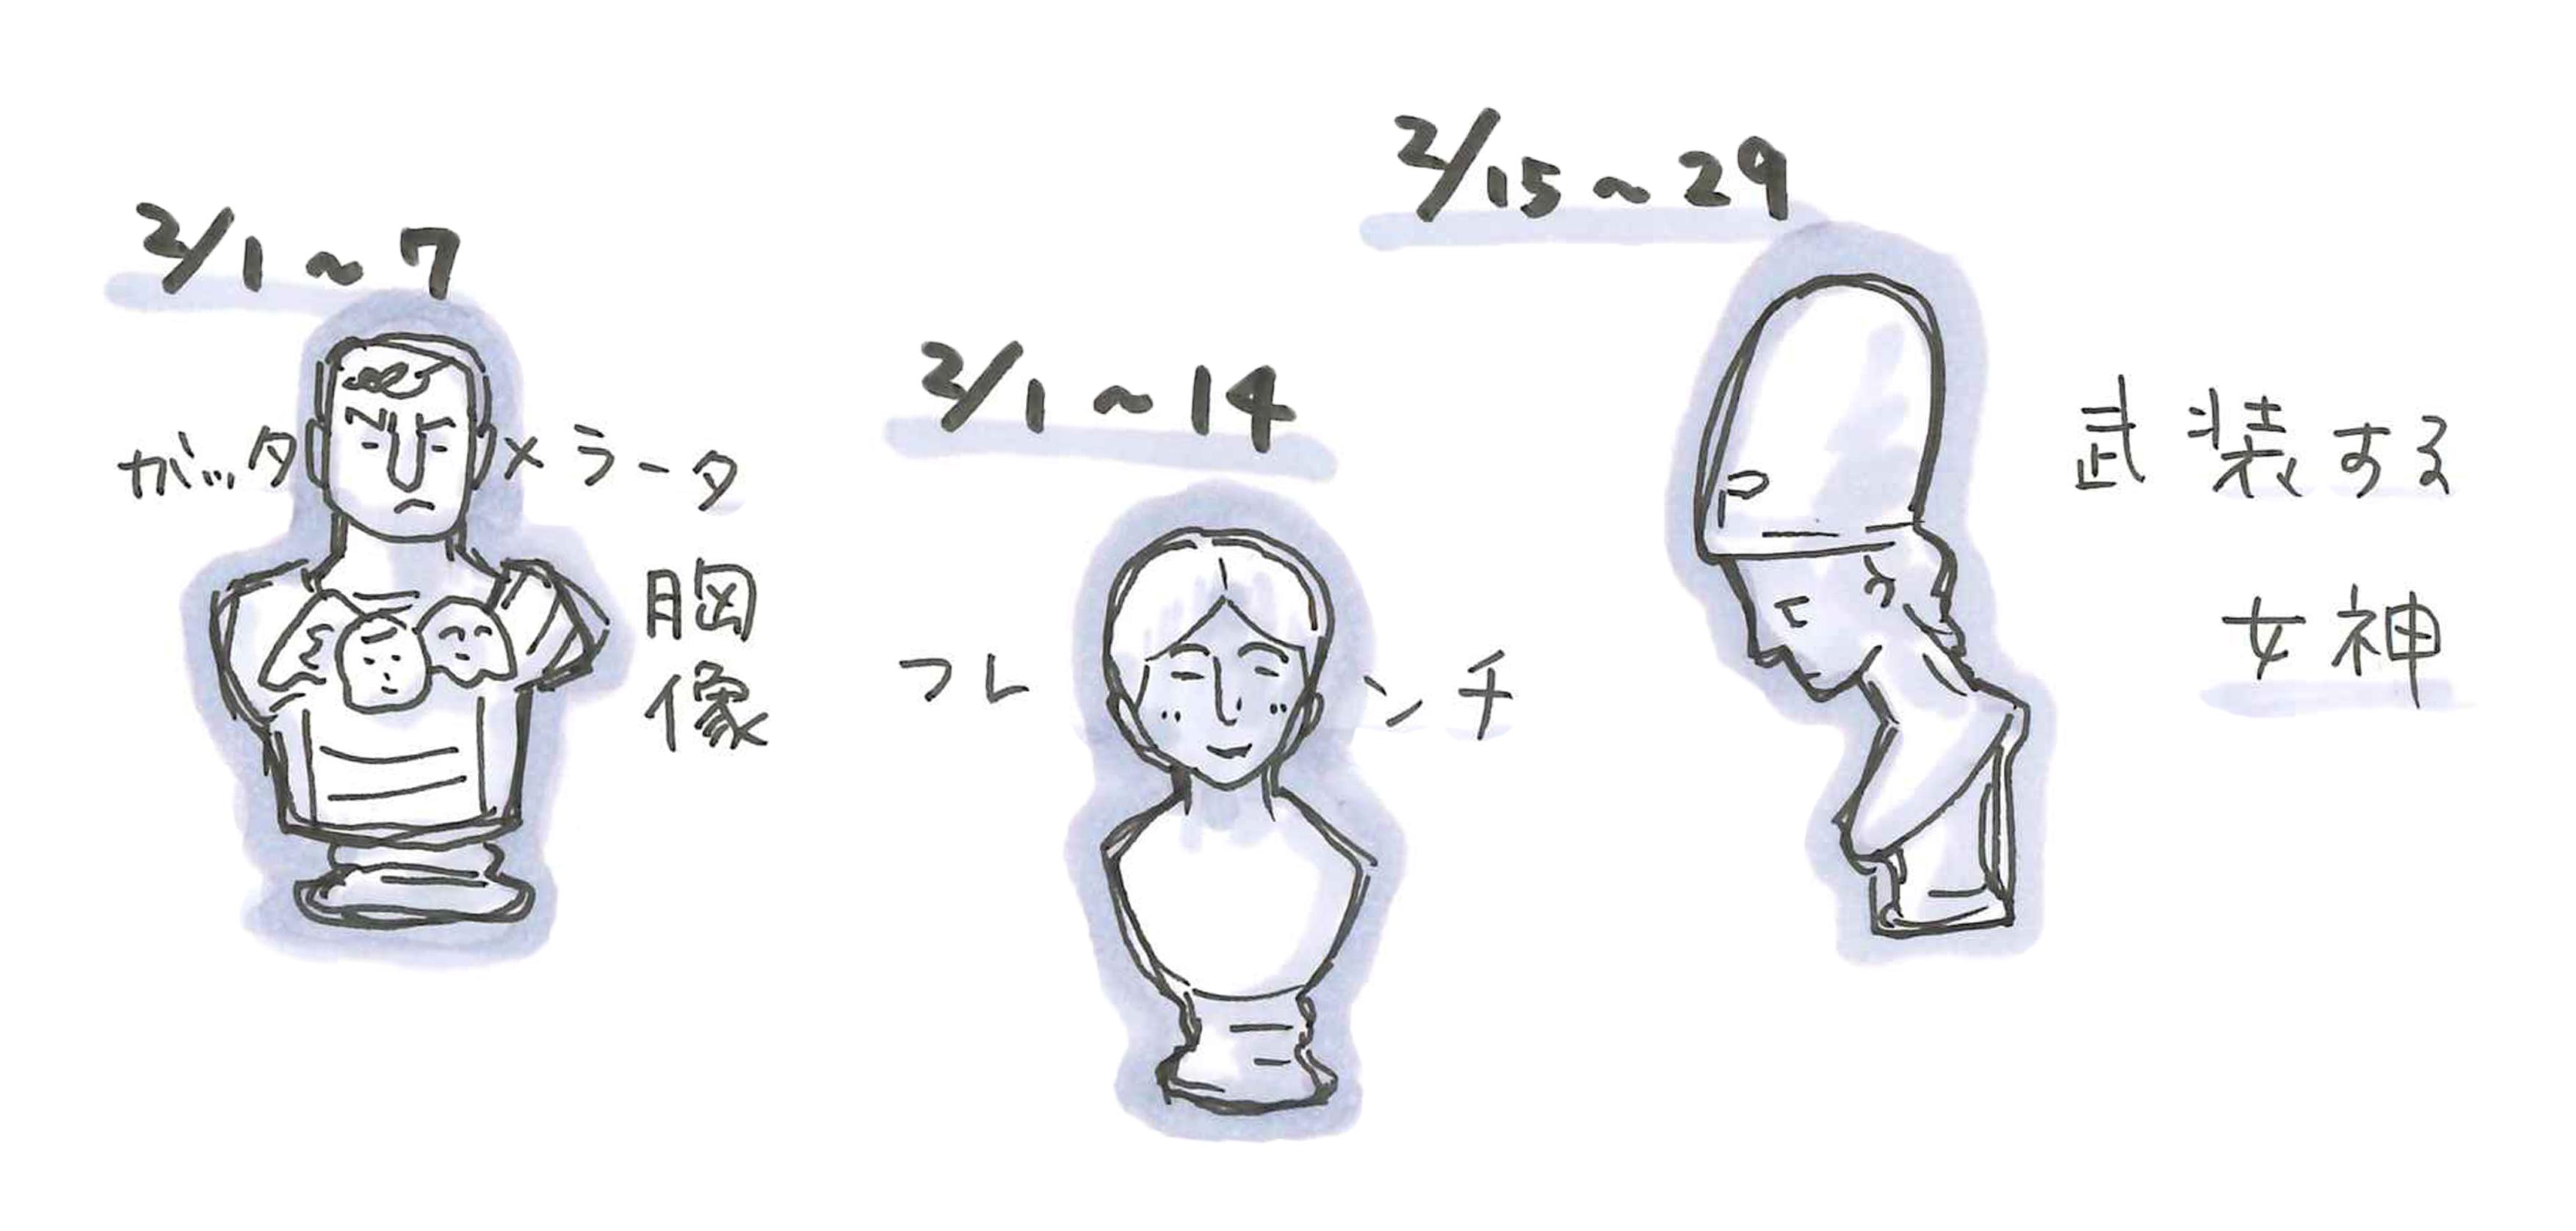 2sekou